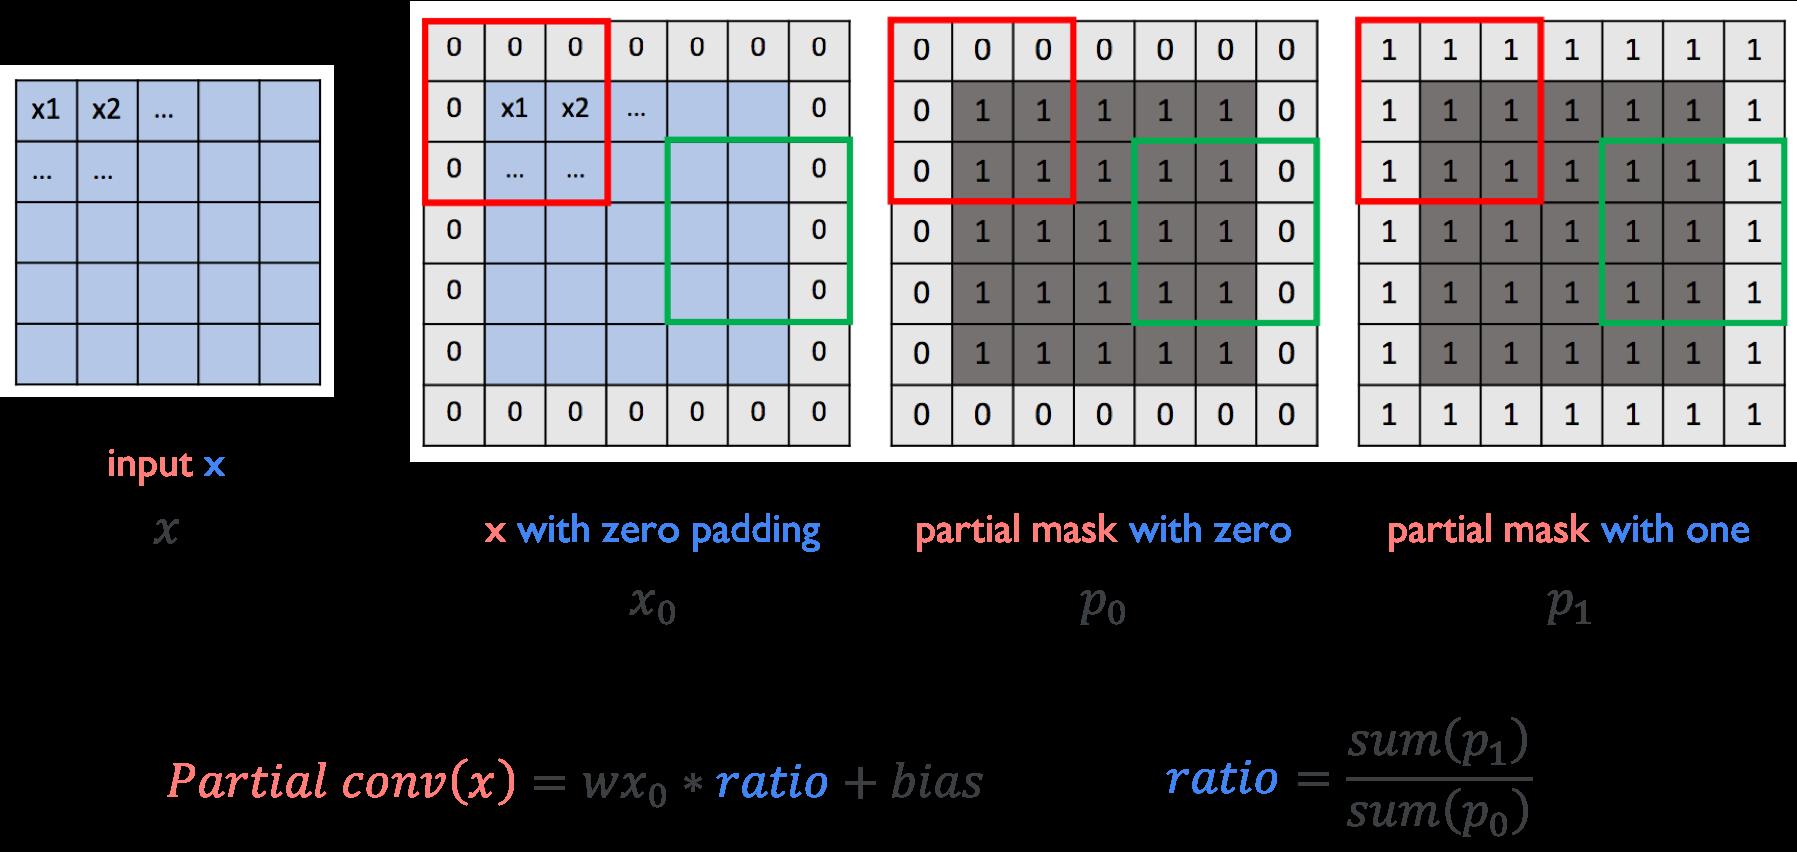 partial_conv